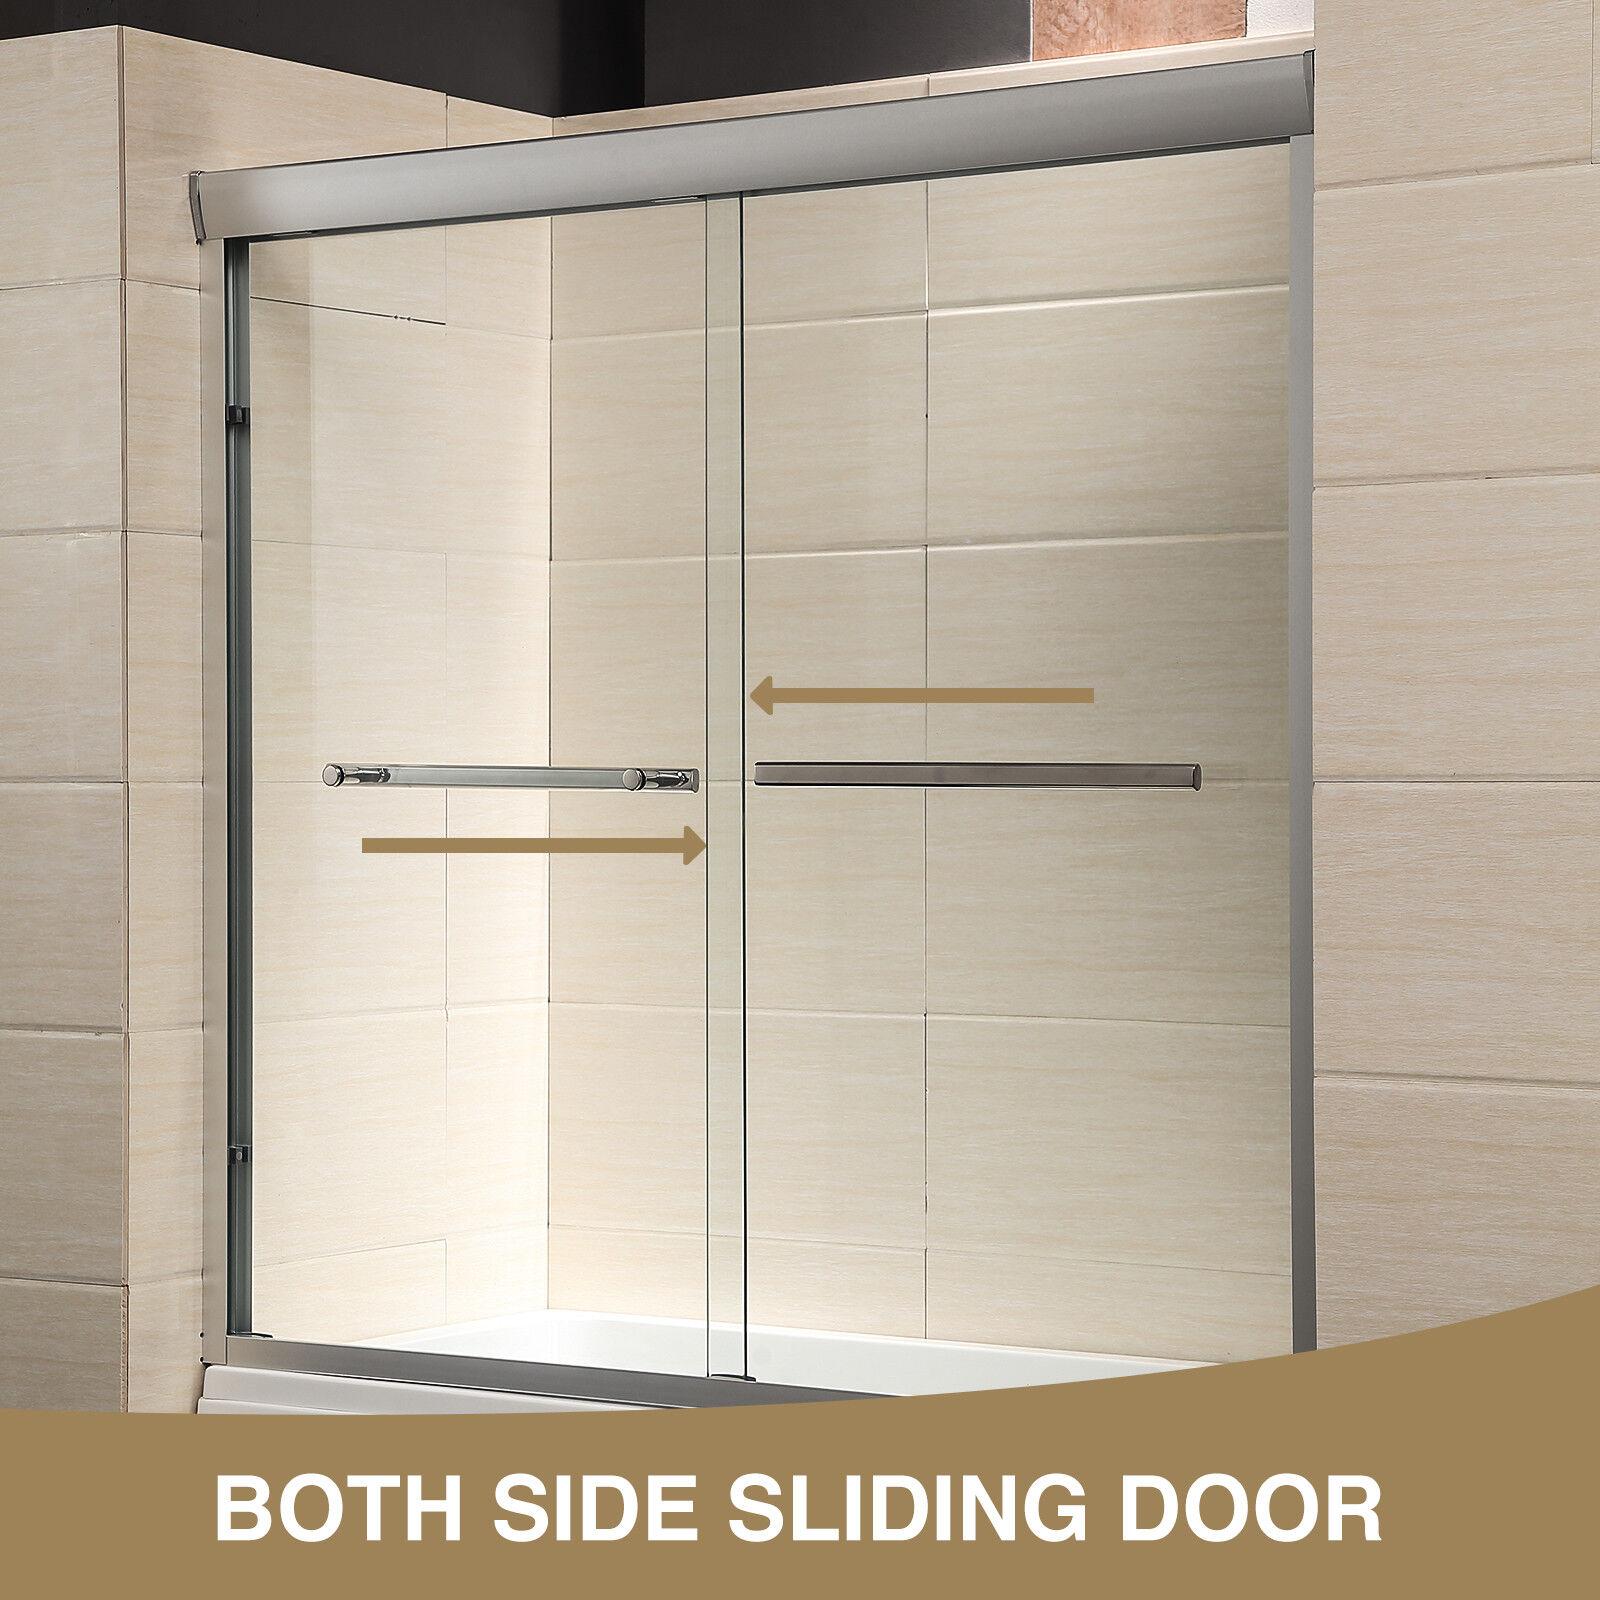 Details About 60 Framed 2 Sliding 1 4 Clear Glass Bath Shower Door Brushed Nickel Finish